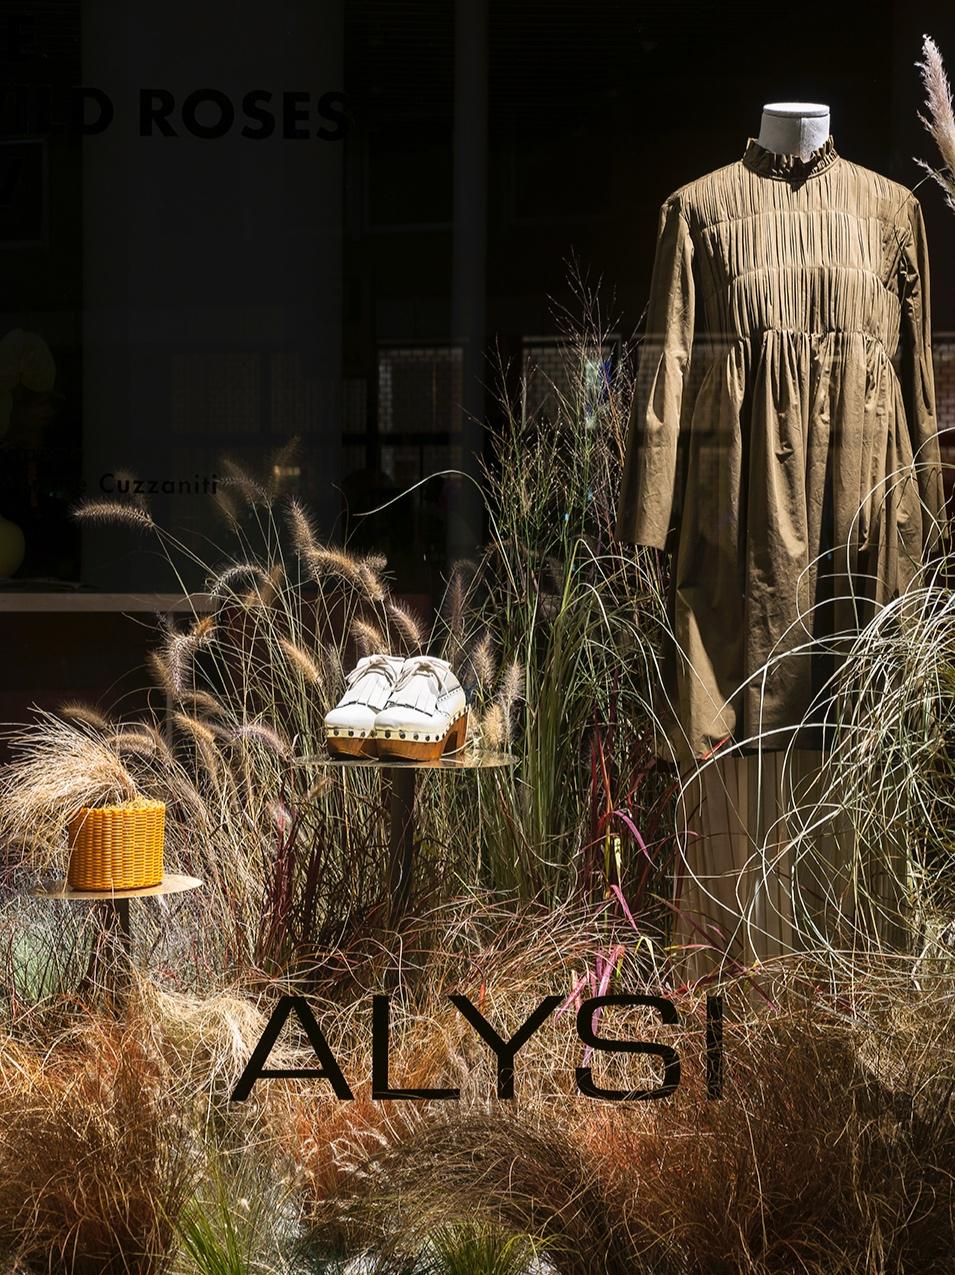 vetrina - Irene realizza la vetrina del negozio Alysi in Via Pontevetero 6, a Milano.All'interno i nostri fiori.